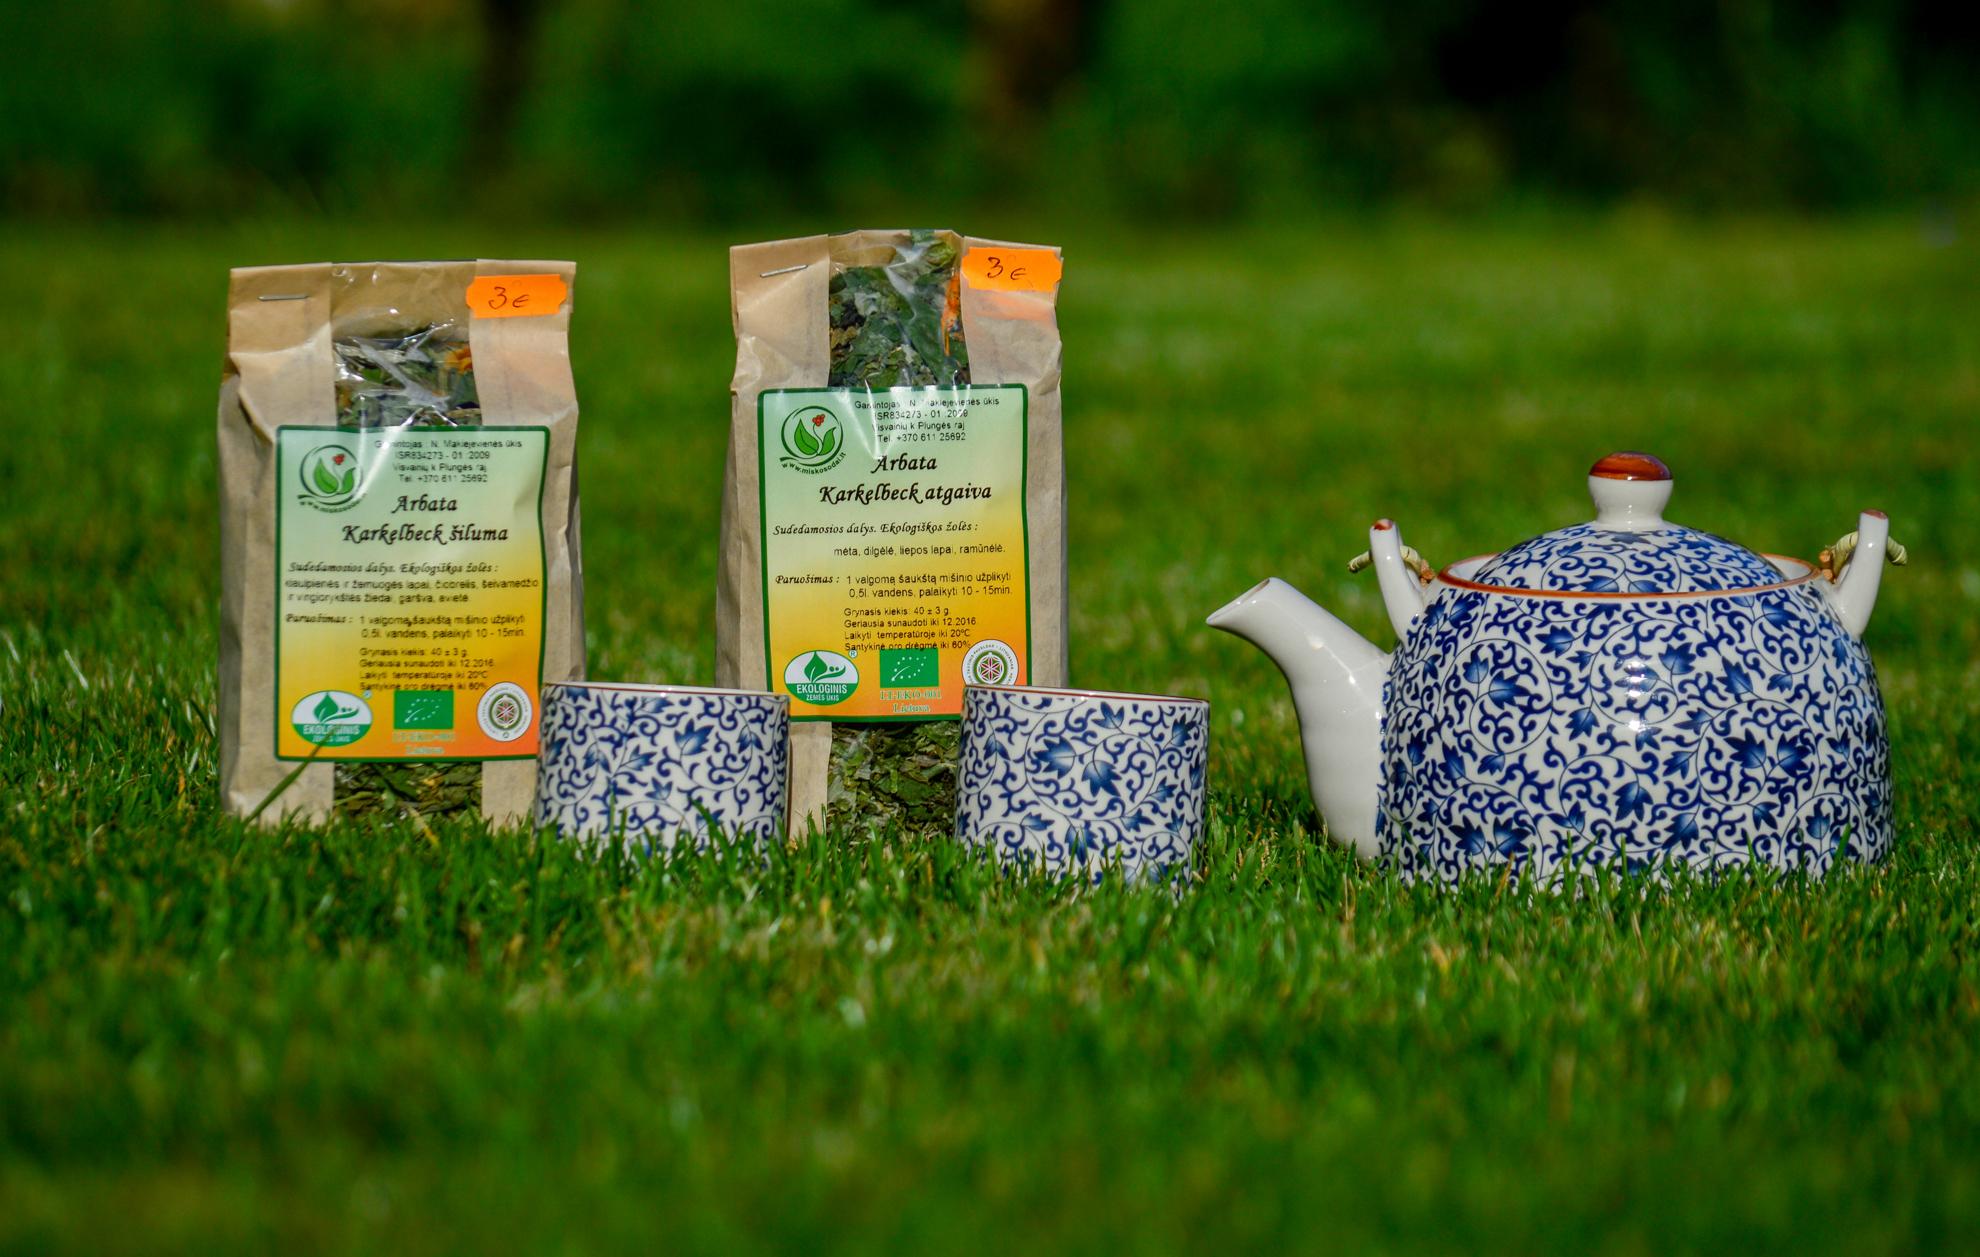 Karkelbeck arbatų mišiniai